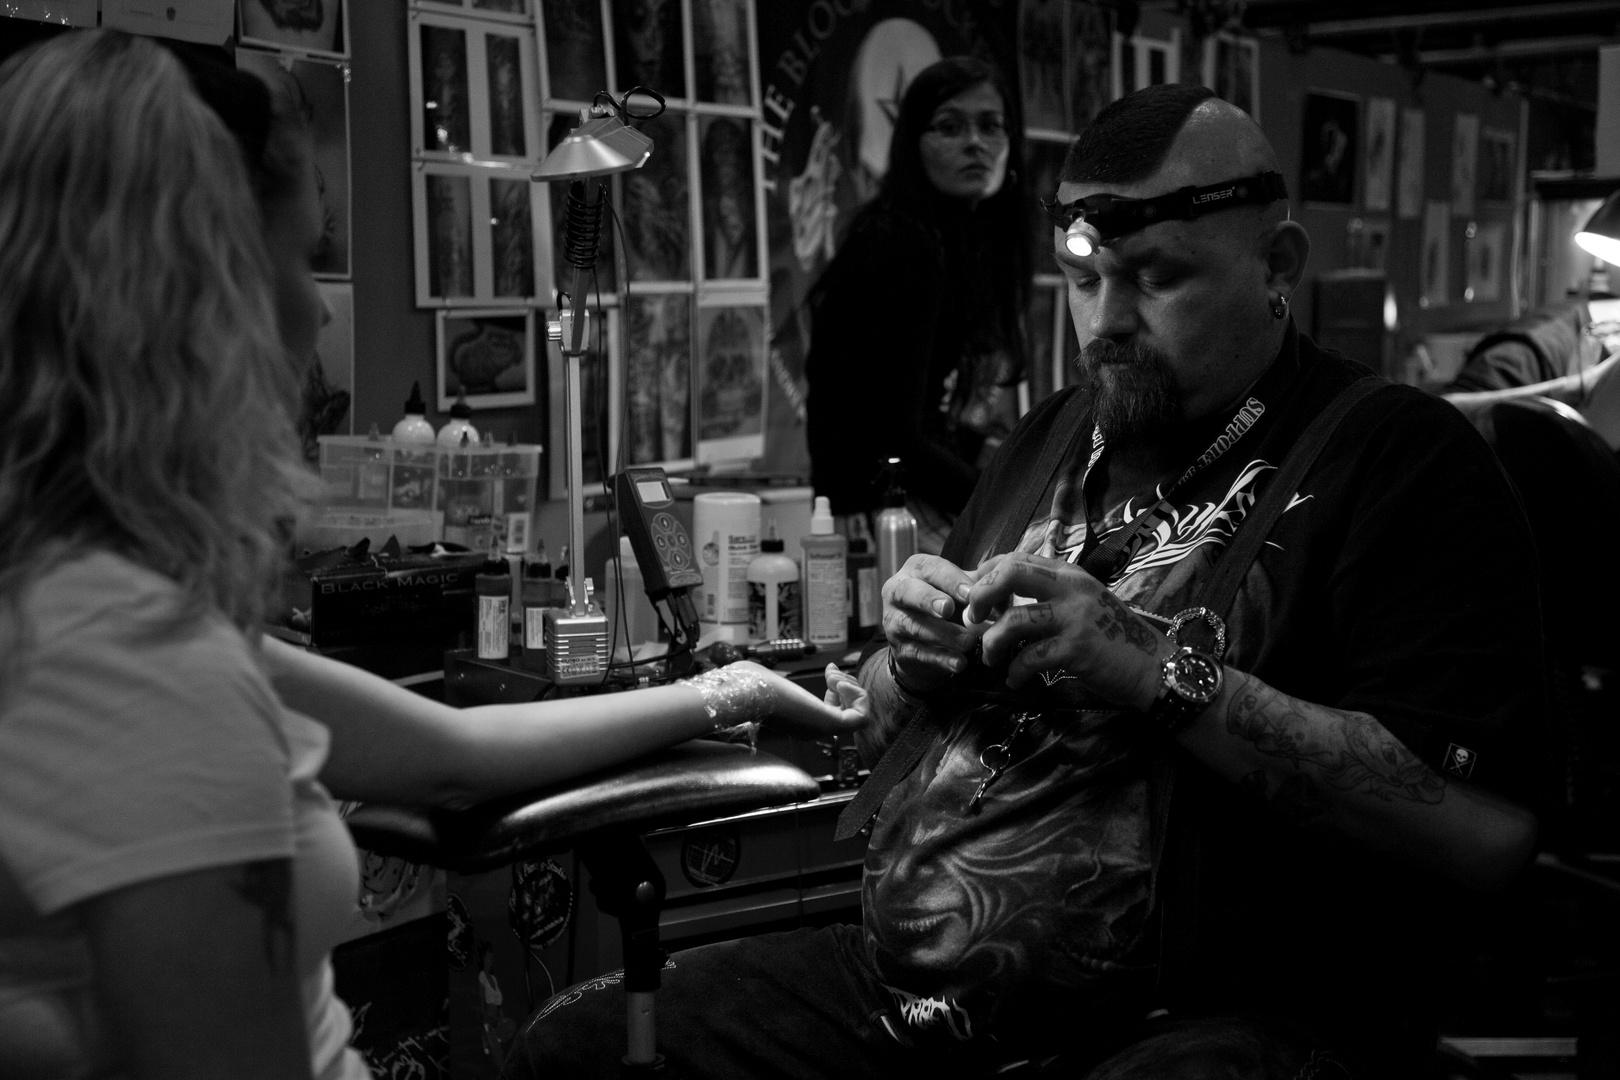 Das Tattoo am Handgelenk